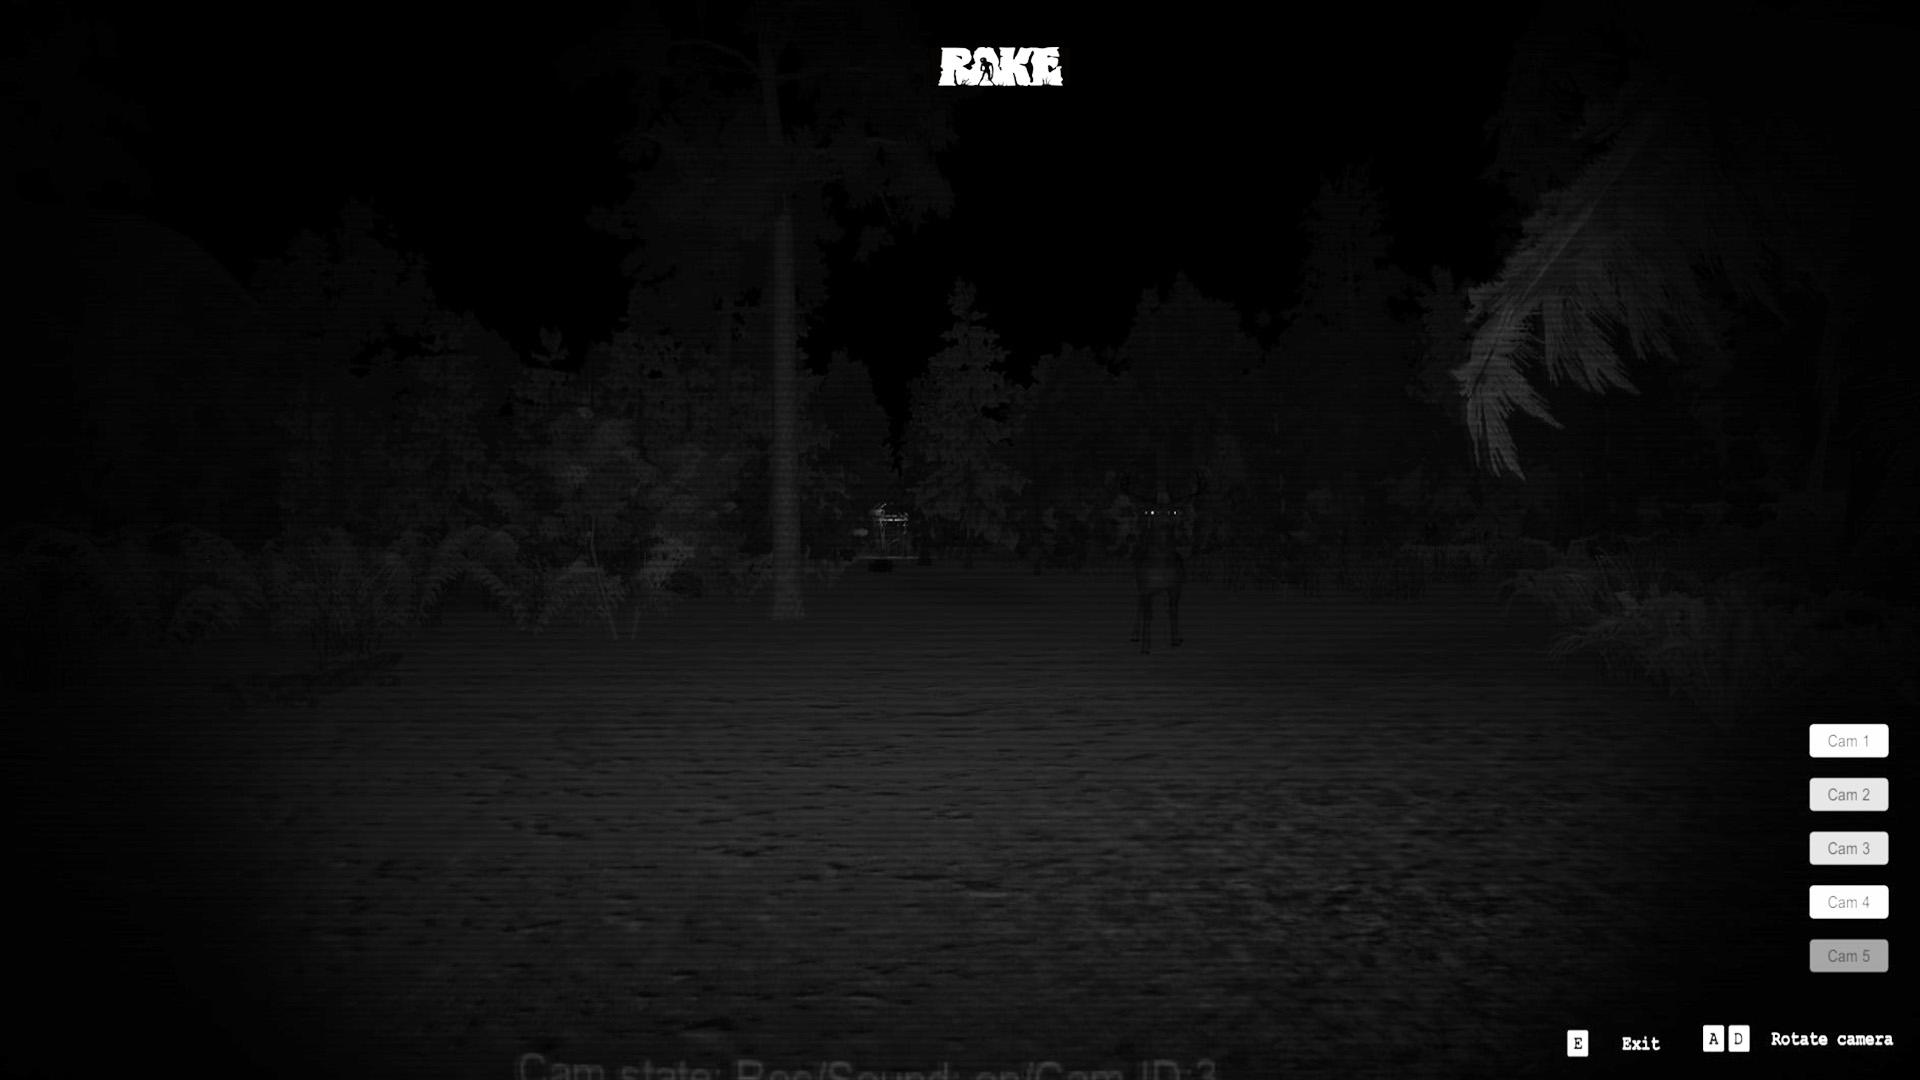 Download Rake Full PC Game